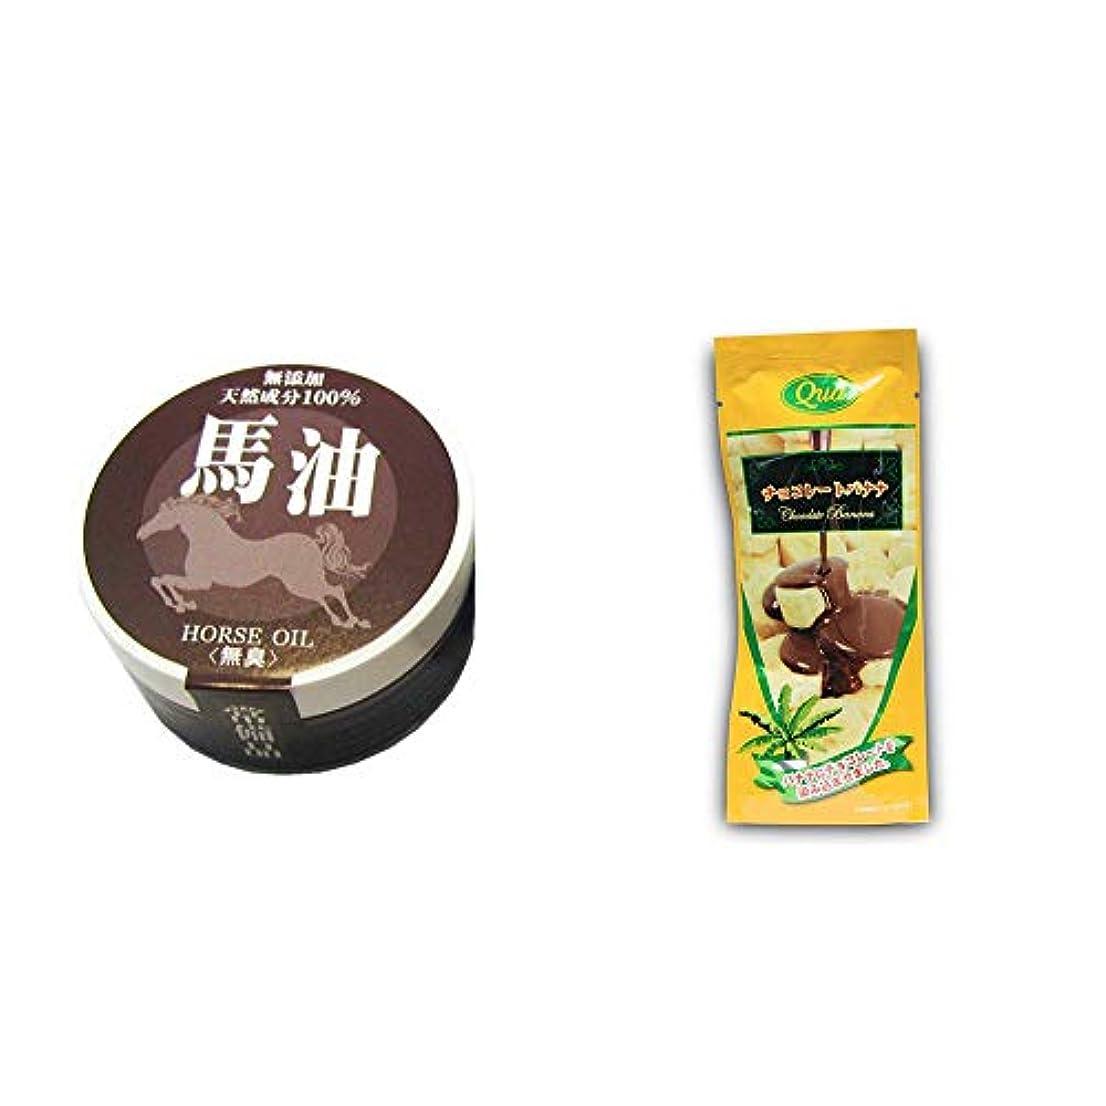 聴覚やけど代表して[2点セット] 無添加天然成分100% 馬油[無香料](38g)?フリーズドライ チョコレートバナナ(50g)